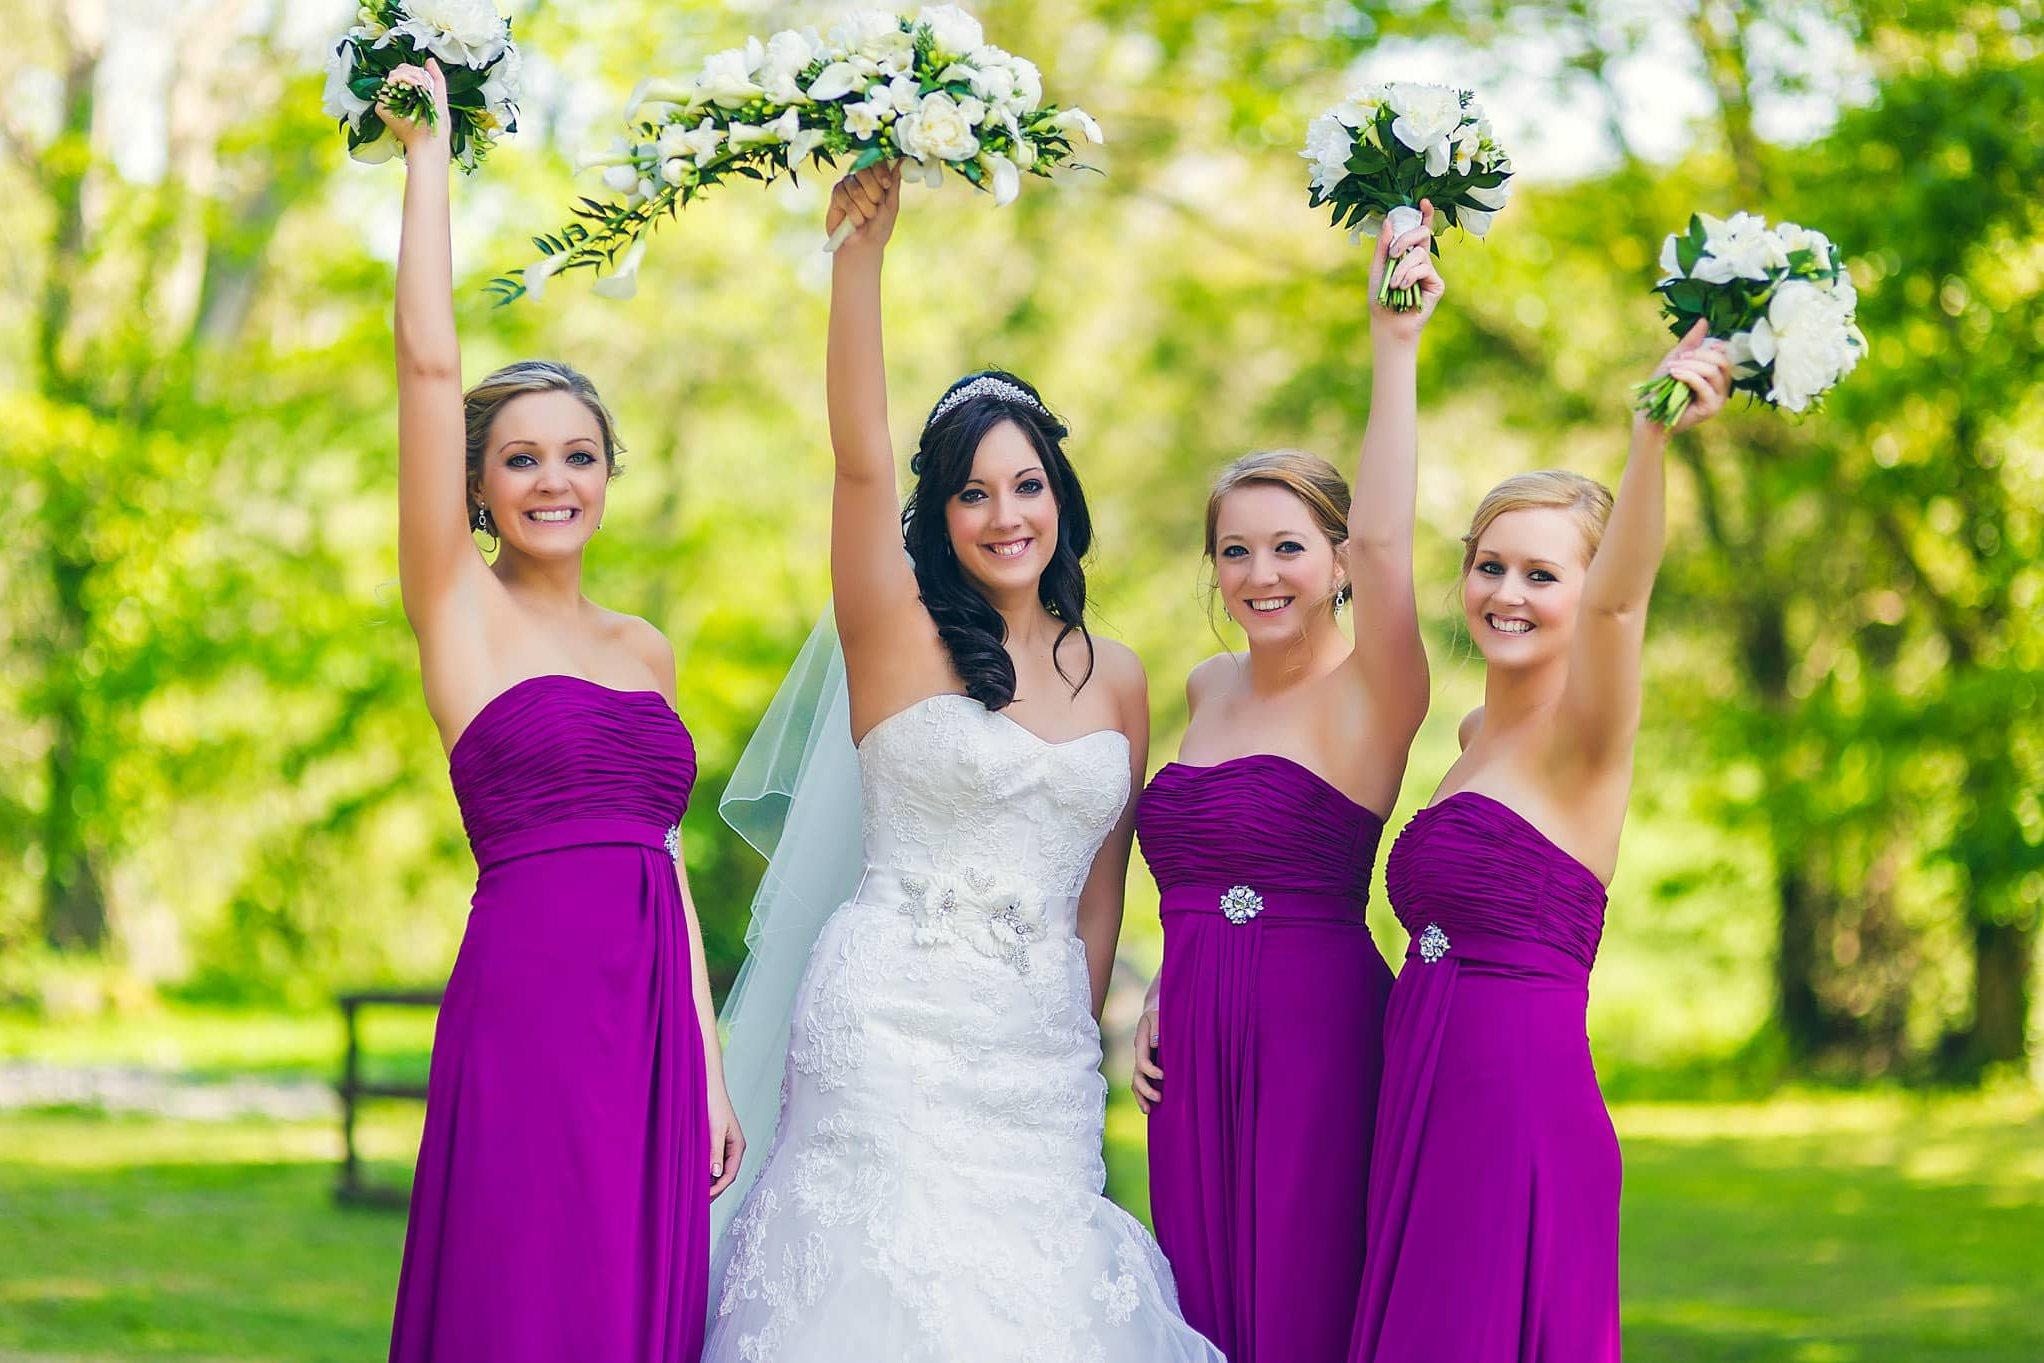 wedding-photography-nanteos-mansion-aberystwyth